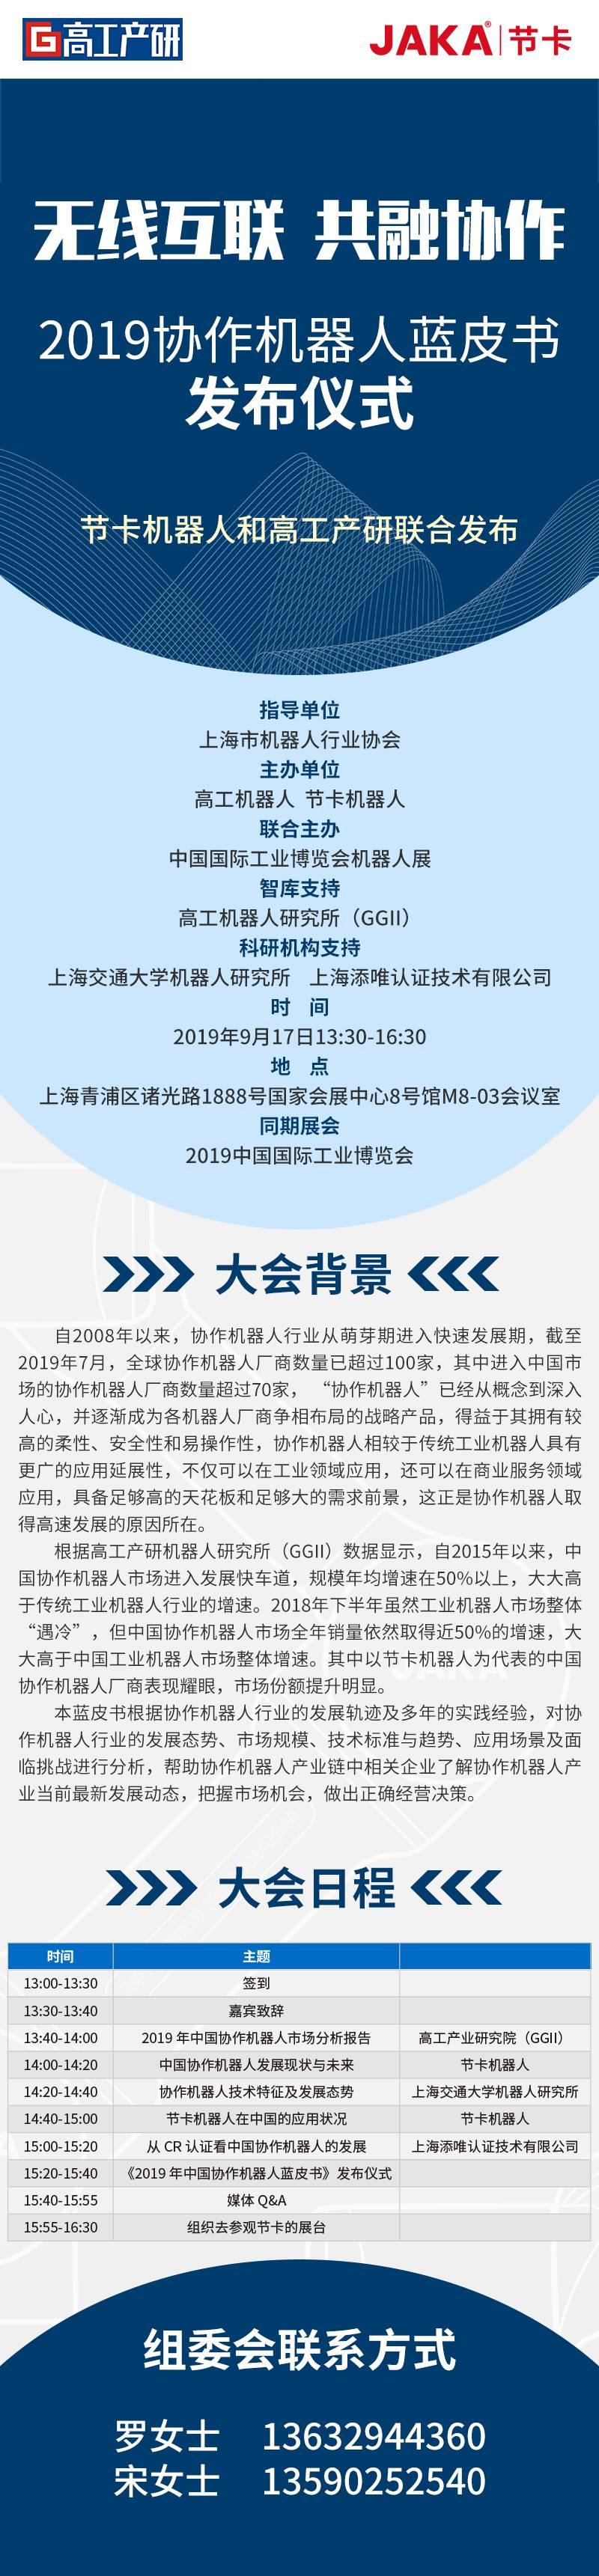 2019协作机器人蓝皮书发布仪式手机端.jpg